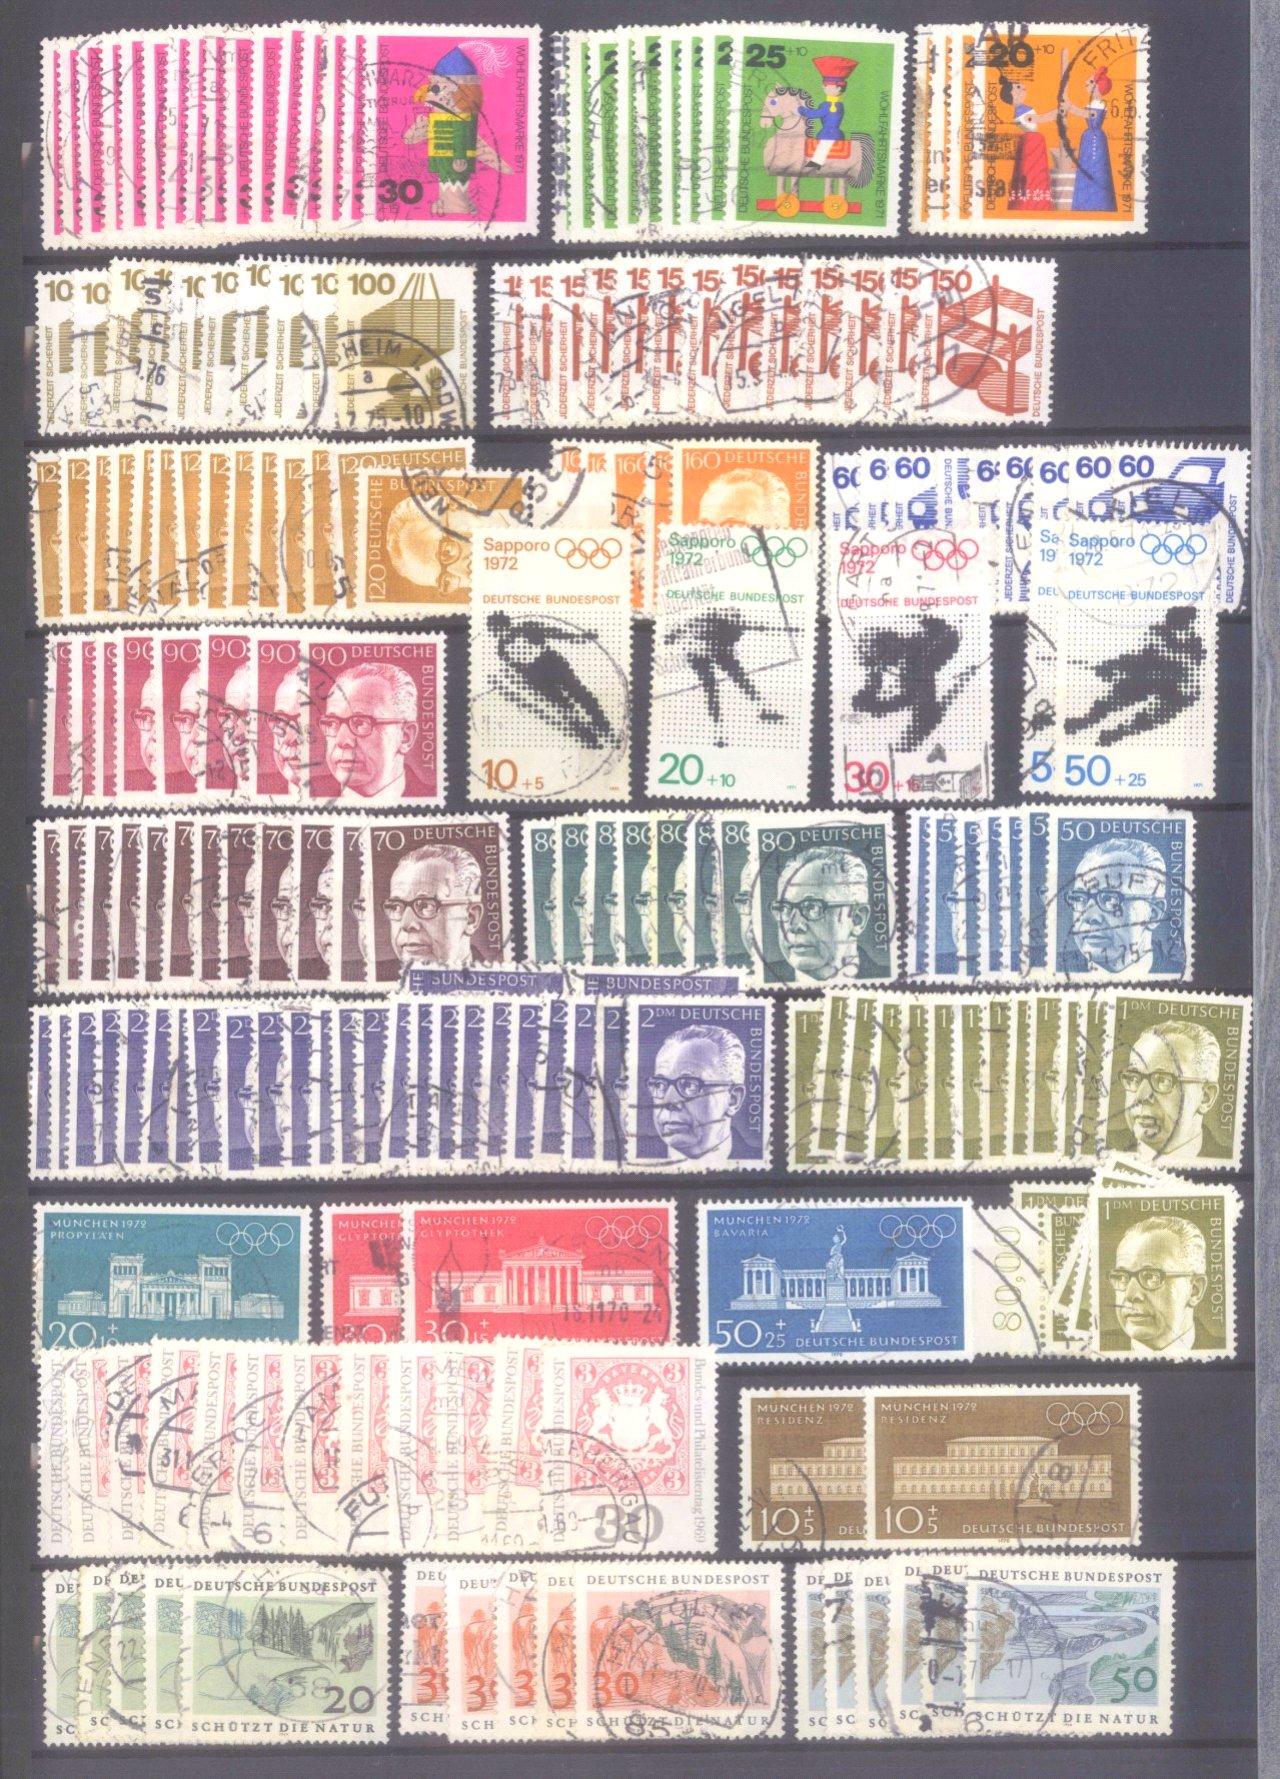 Mannheimer Briefmarkennachlass-16